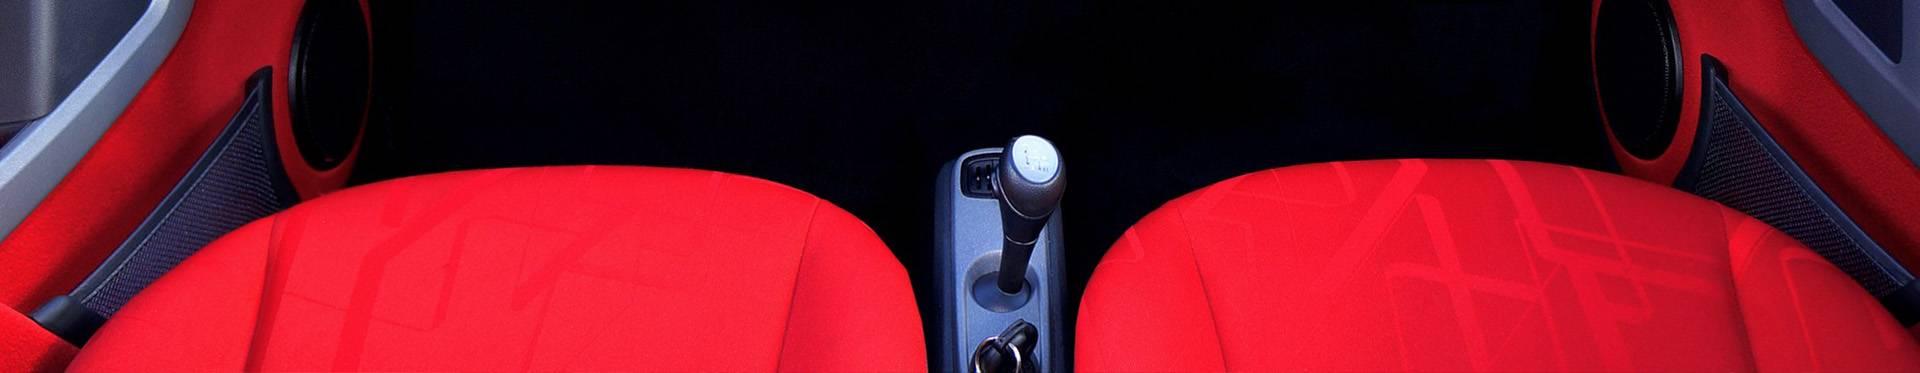 Textilreiniger für den Innenraum und die Innenraumpflege von Autos Sitzreiniger Autopflege Autoaufbereitung